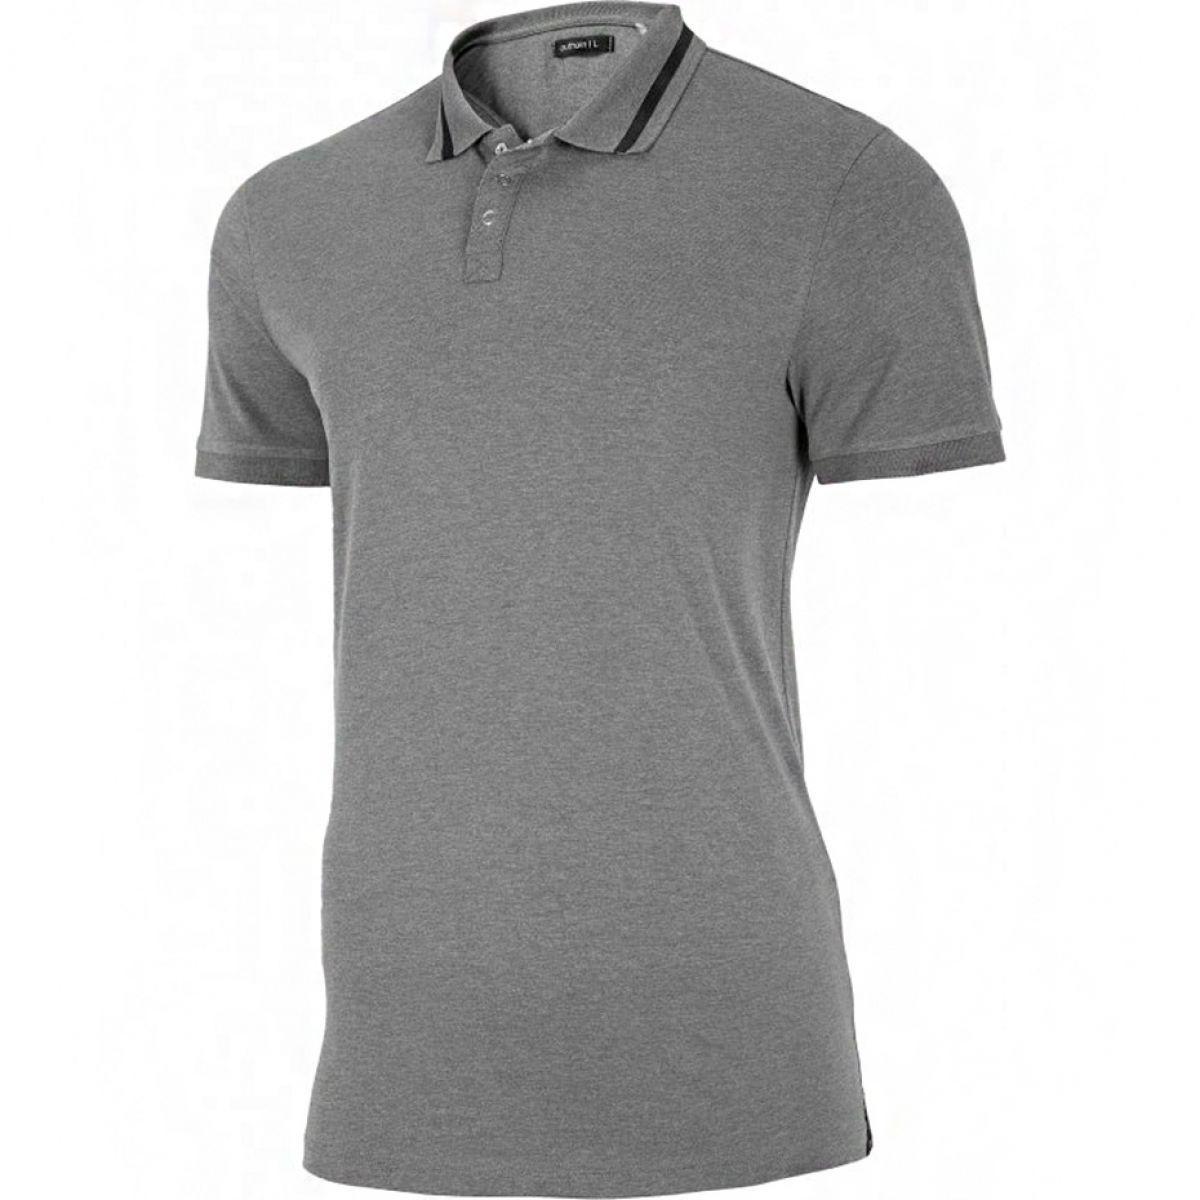 Мужская серая однотонная футболка с воротником Outhorn HOZ19 TSM618 M 24M